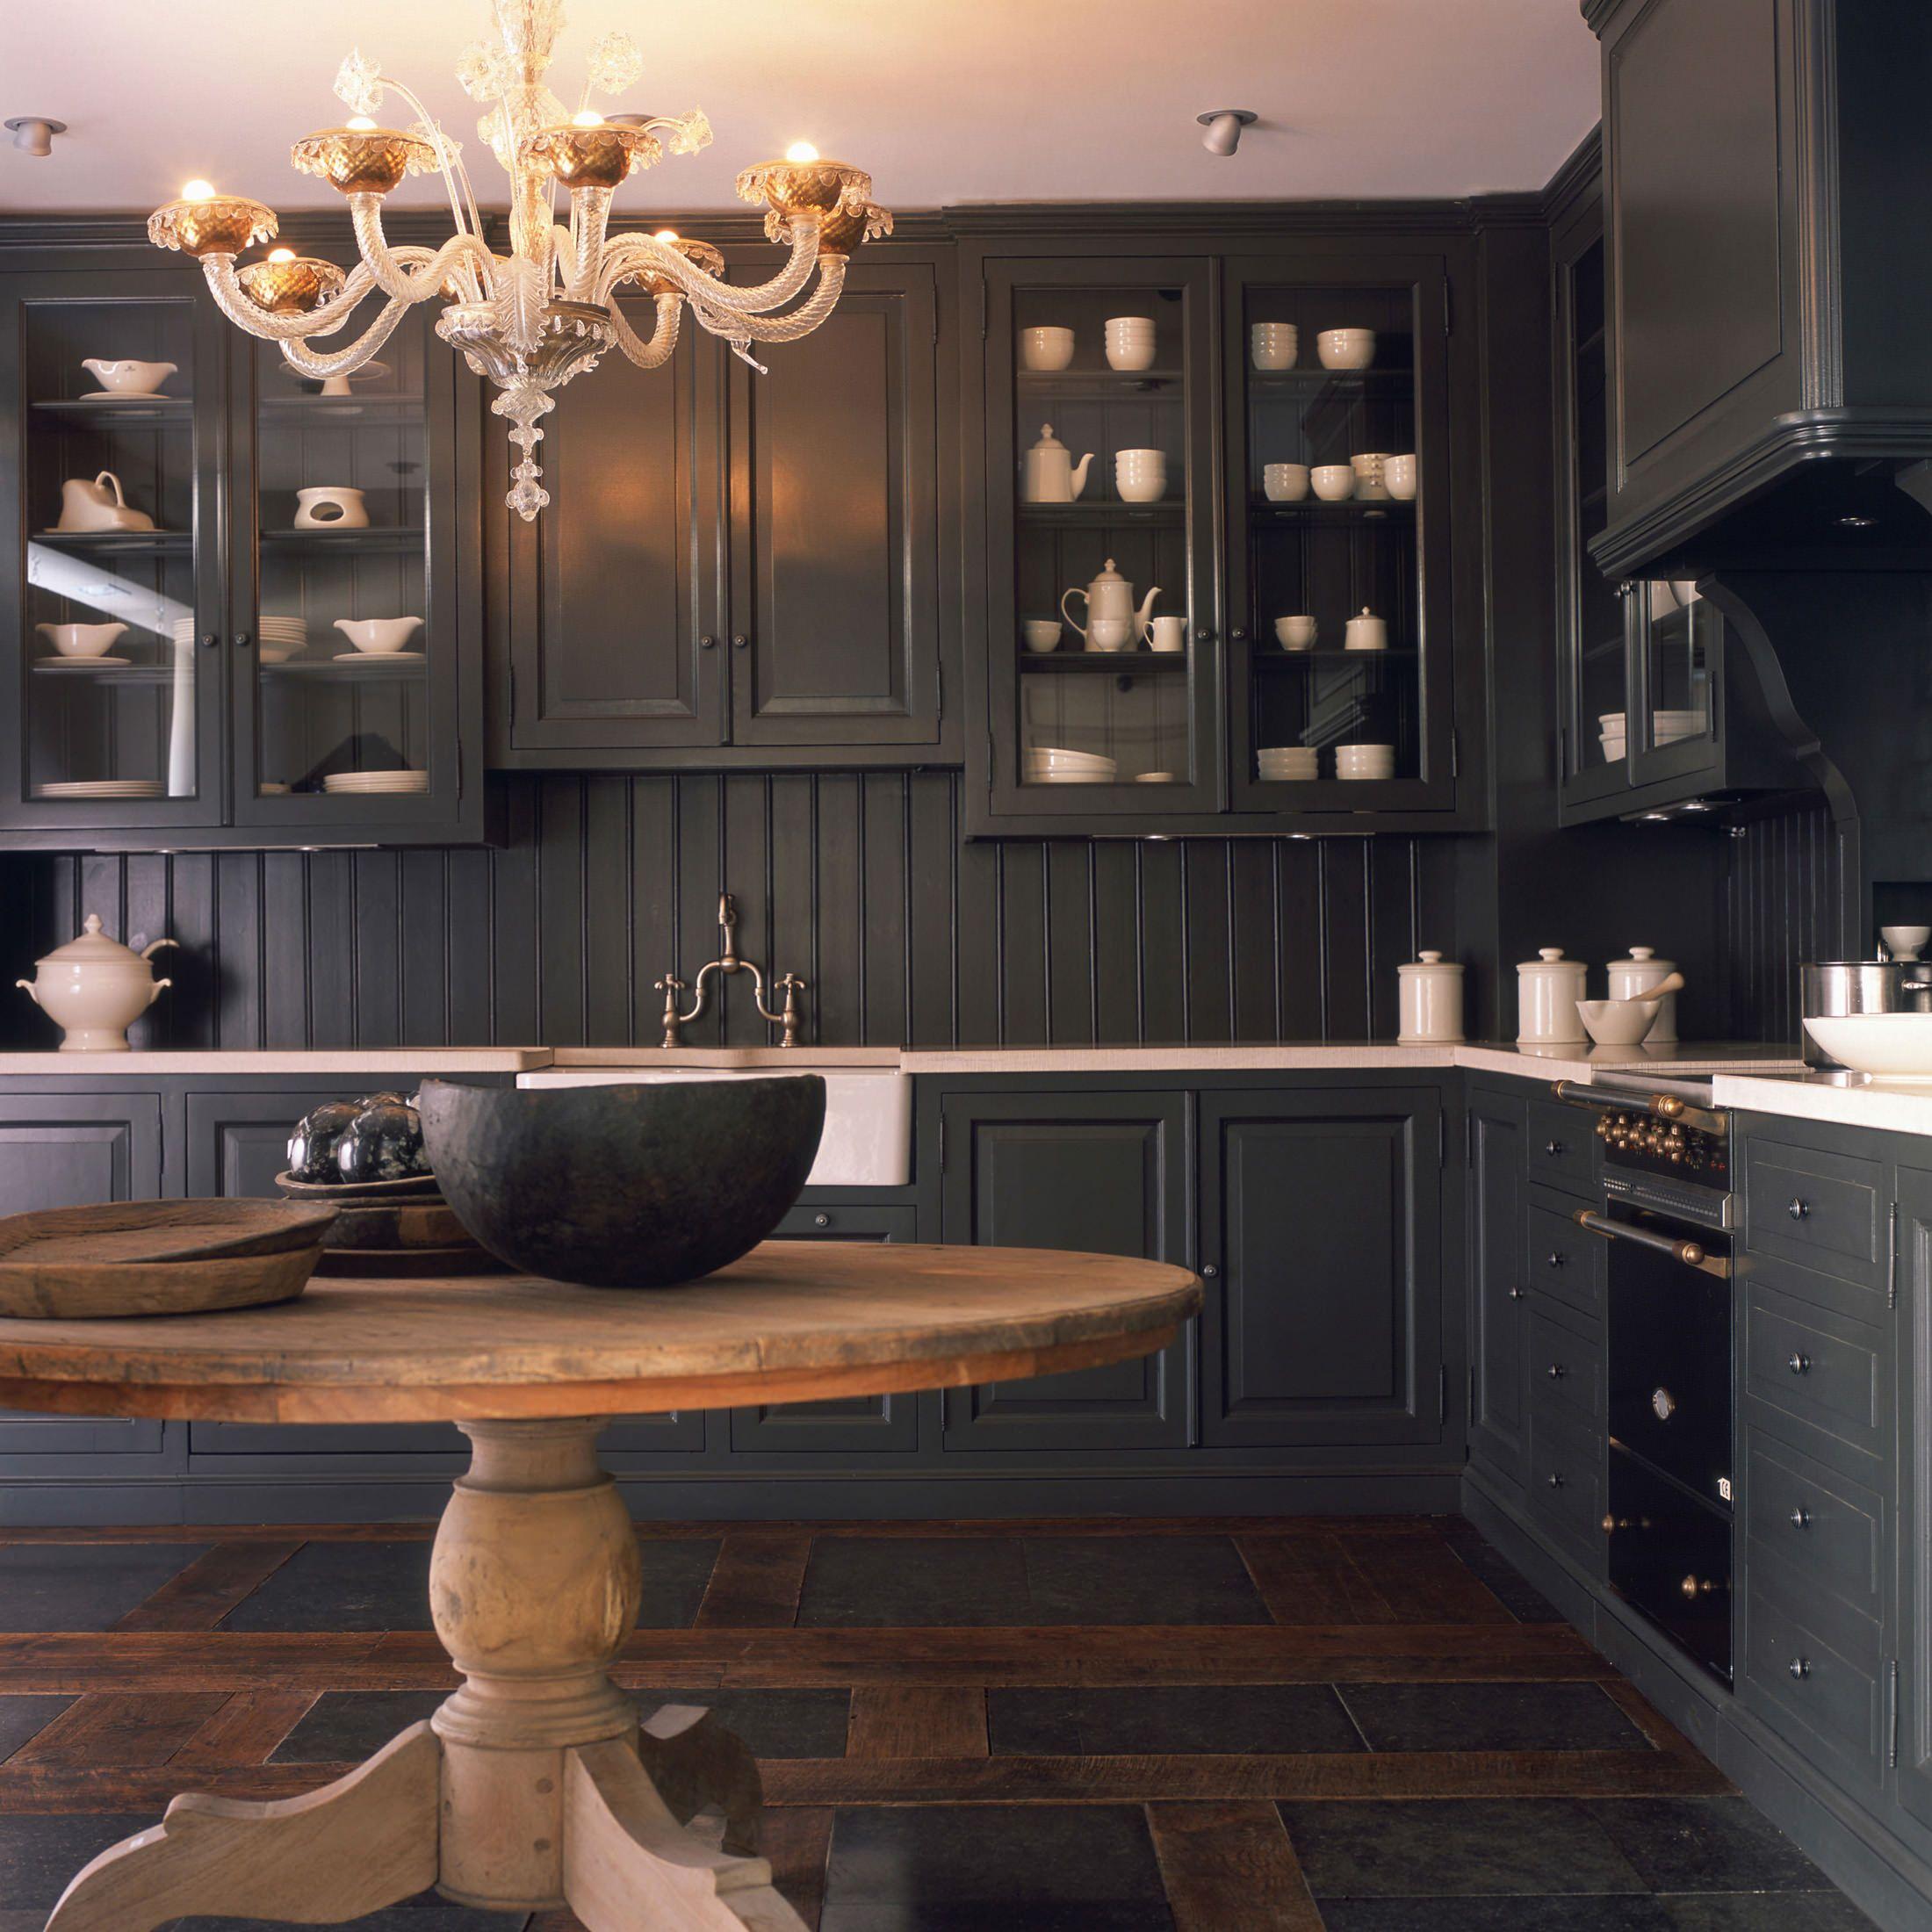 cuisine baden baden cuisine pinterest. Black Bedroom Furniture Sets. Home Design Ideas